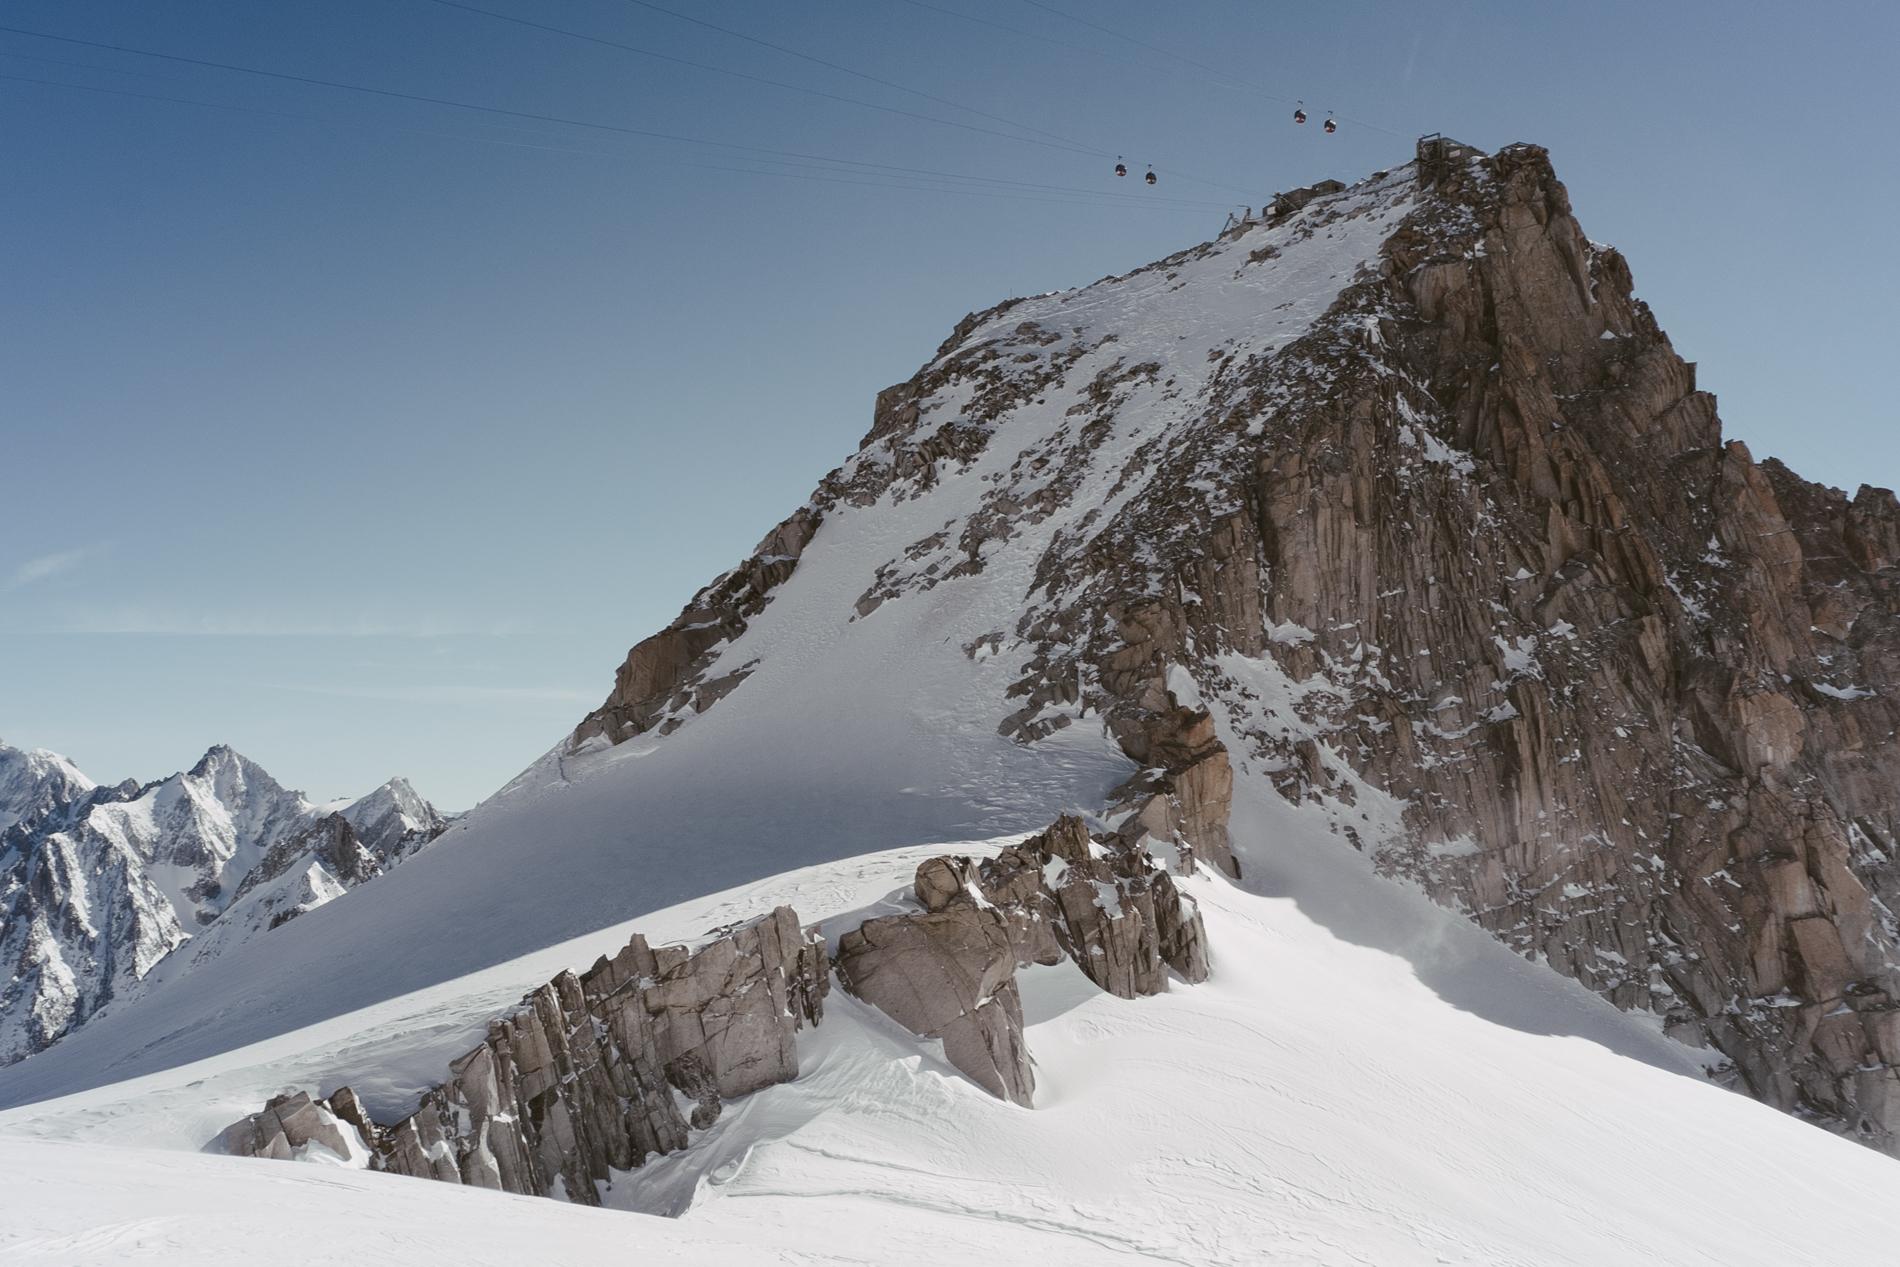 Pointe Helbronner 3462 m, télécabine de la Vallée Blanche - CHAMONIX, FRANCE.